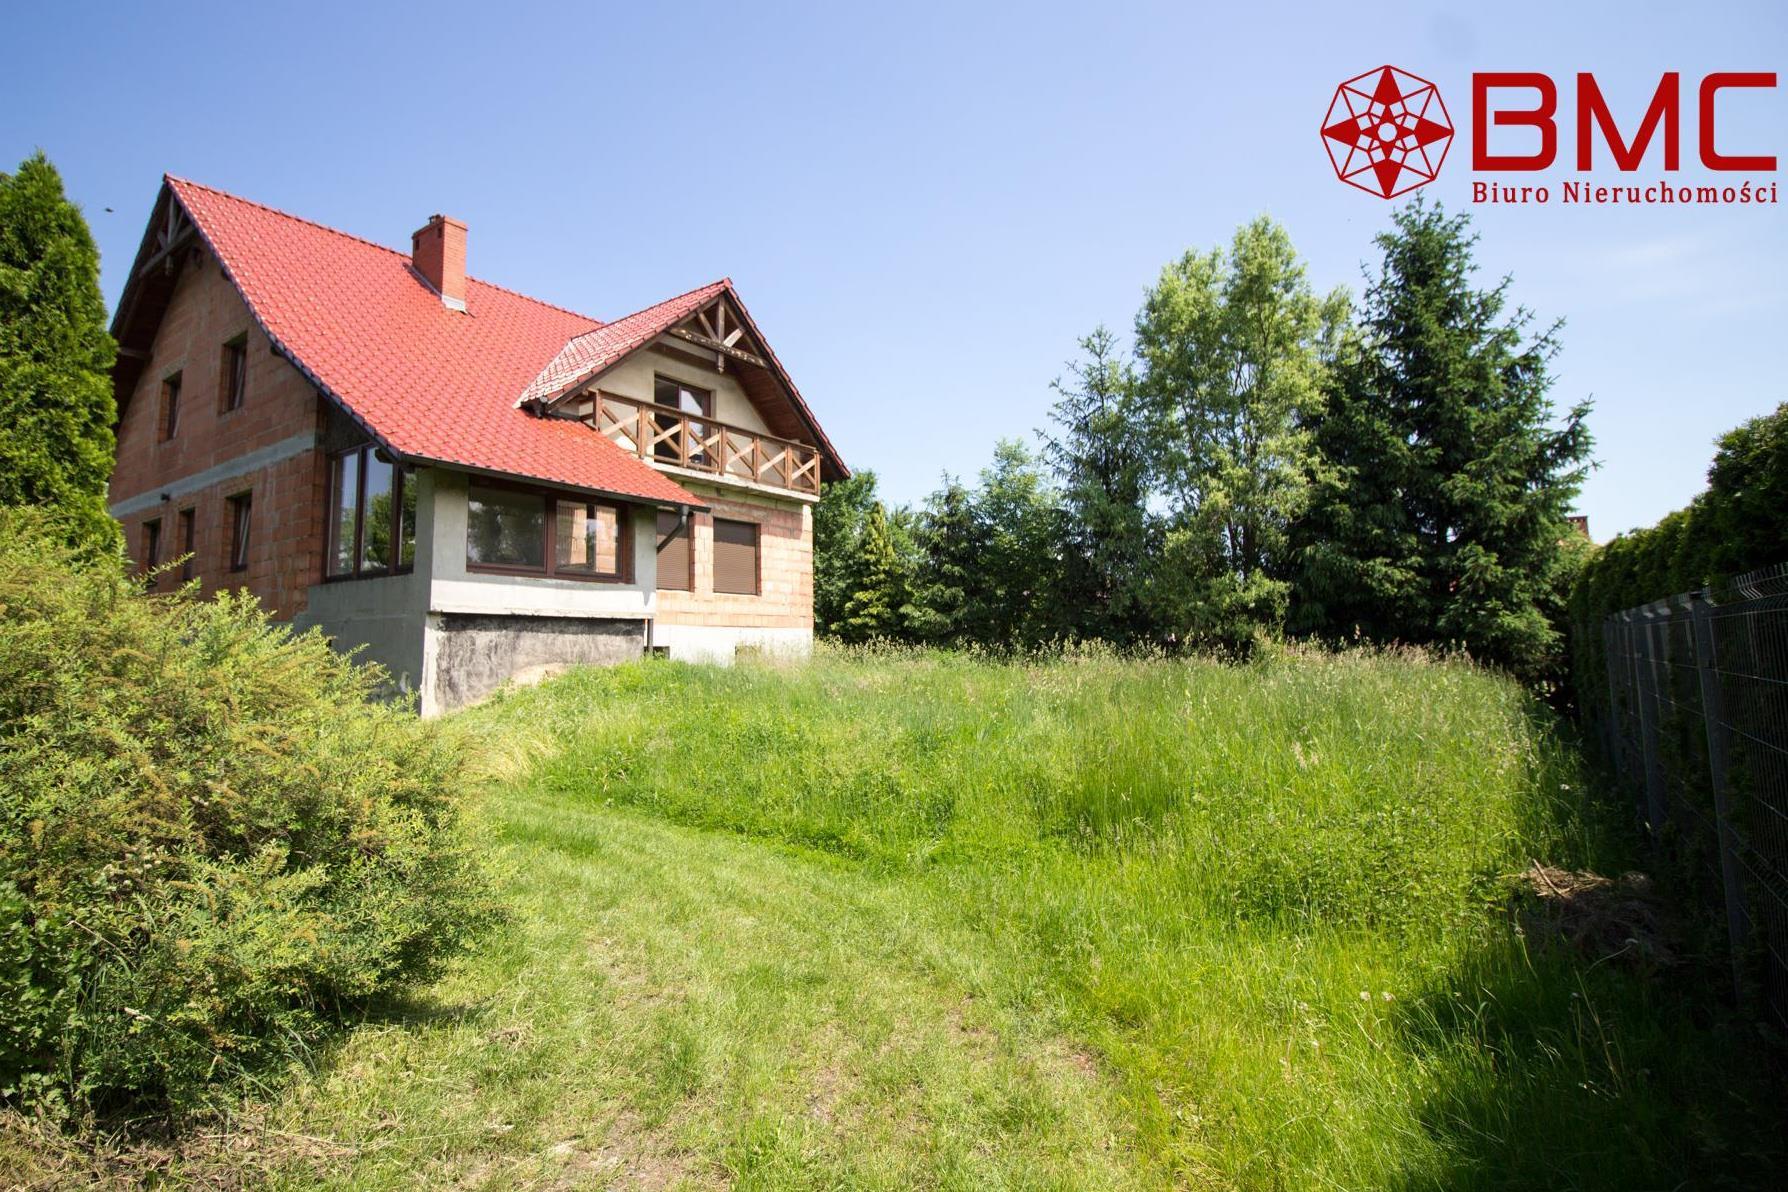 Nieruchomość Dom sprzedaż Koszęcin Dom w stanie deweloperskim Koszęcin blisko centrum1